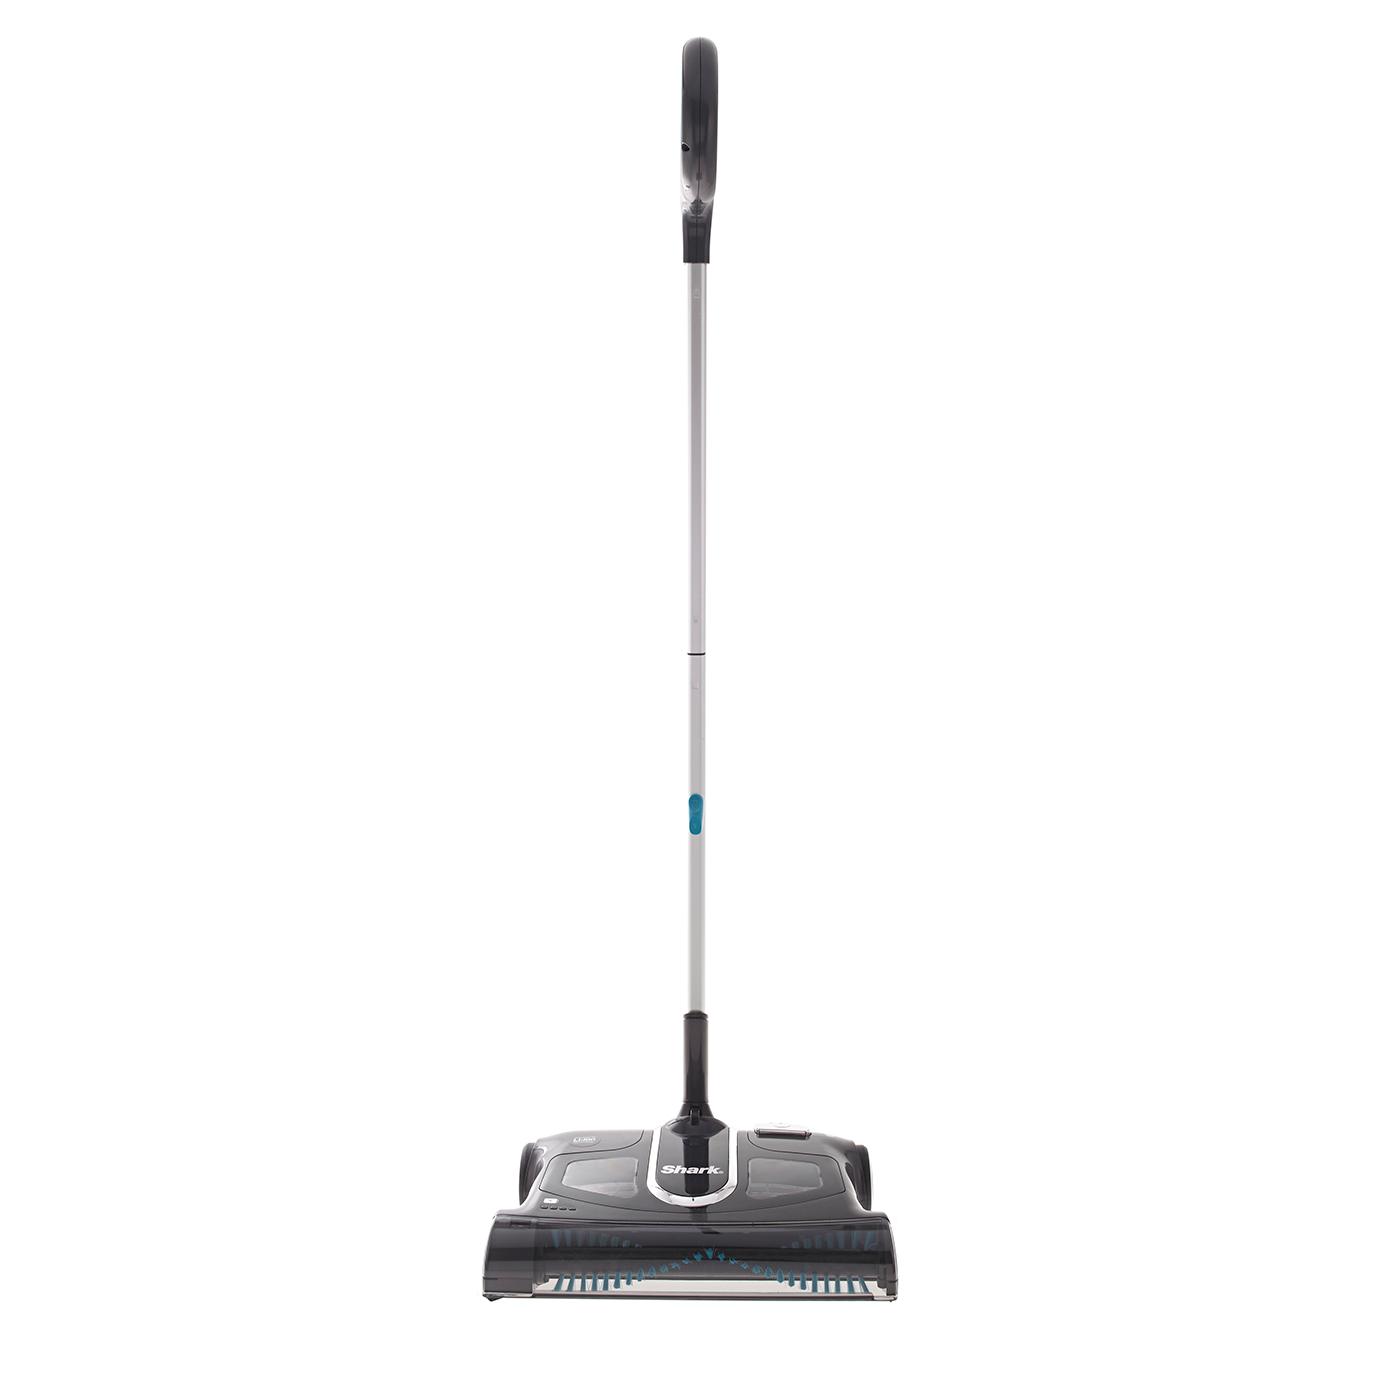 shark cordless rechargeable hard floor sweeper v3800. Black Bedroom Furniture Sets. Home Design Ideas